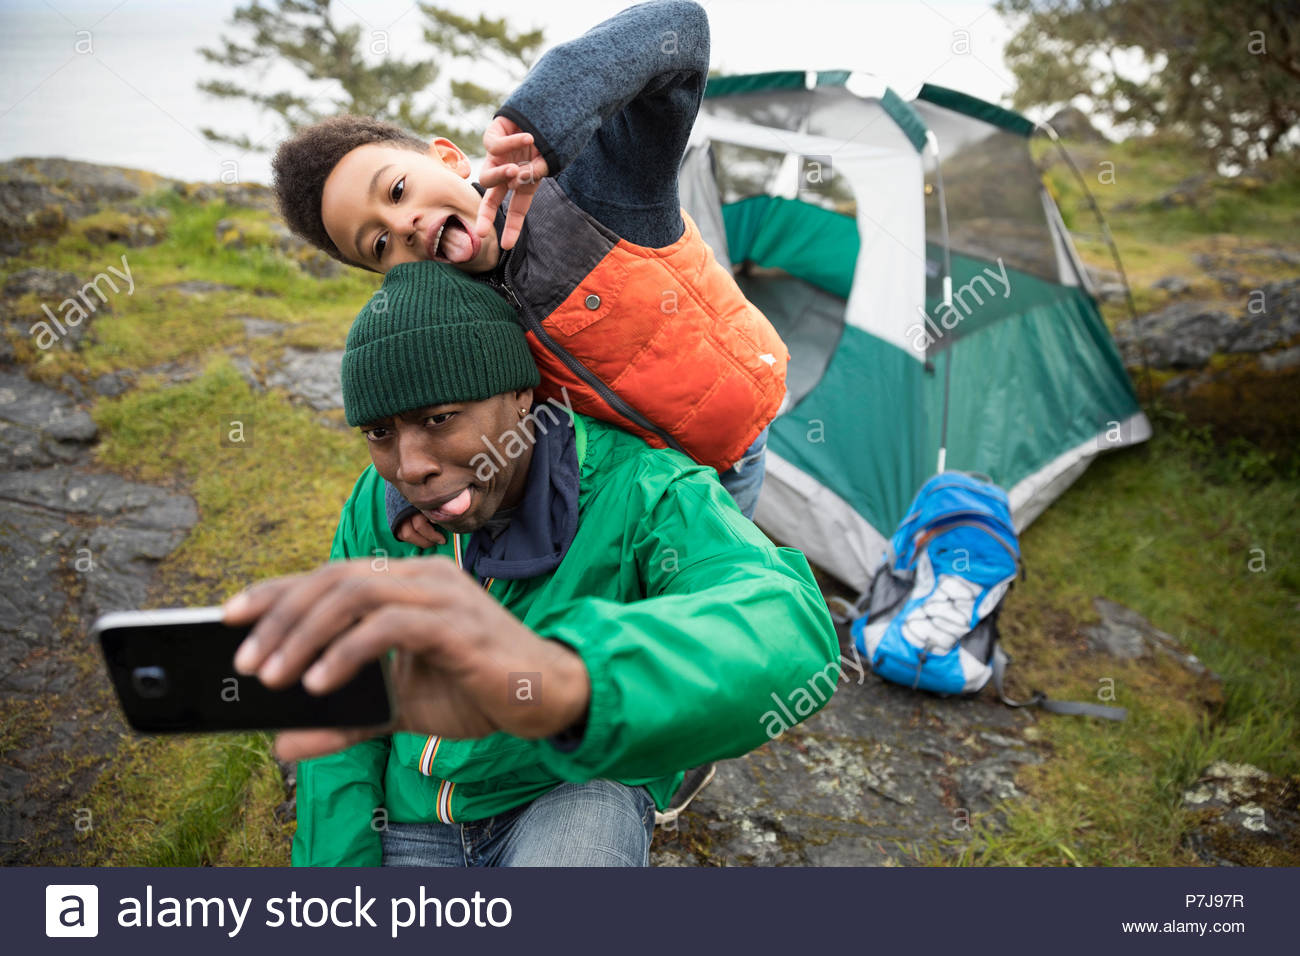 Giocoso padre e figlio facendo facce, tenendo selfie al campeggio Immagini Stock